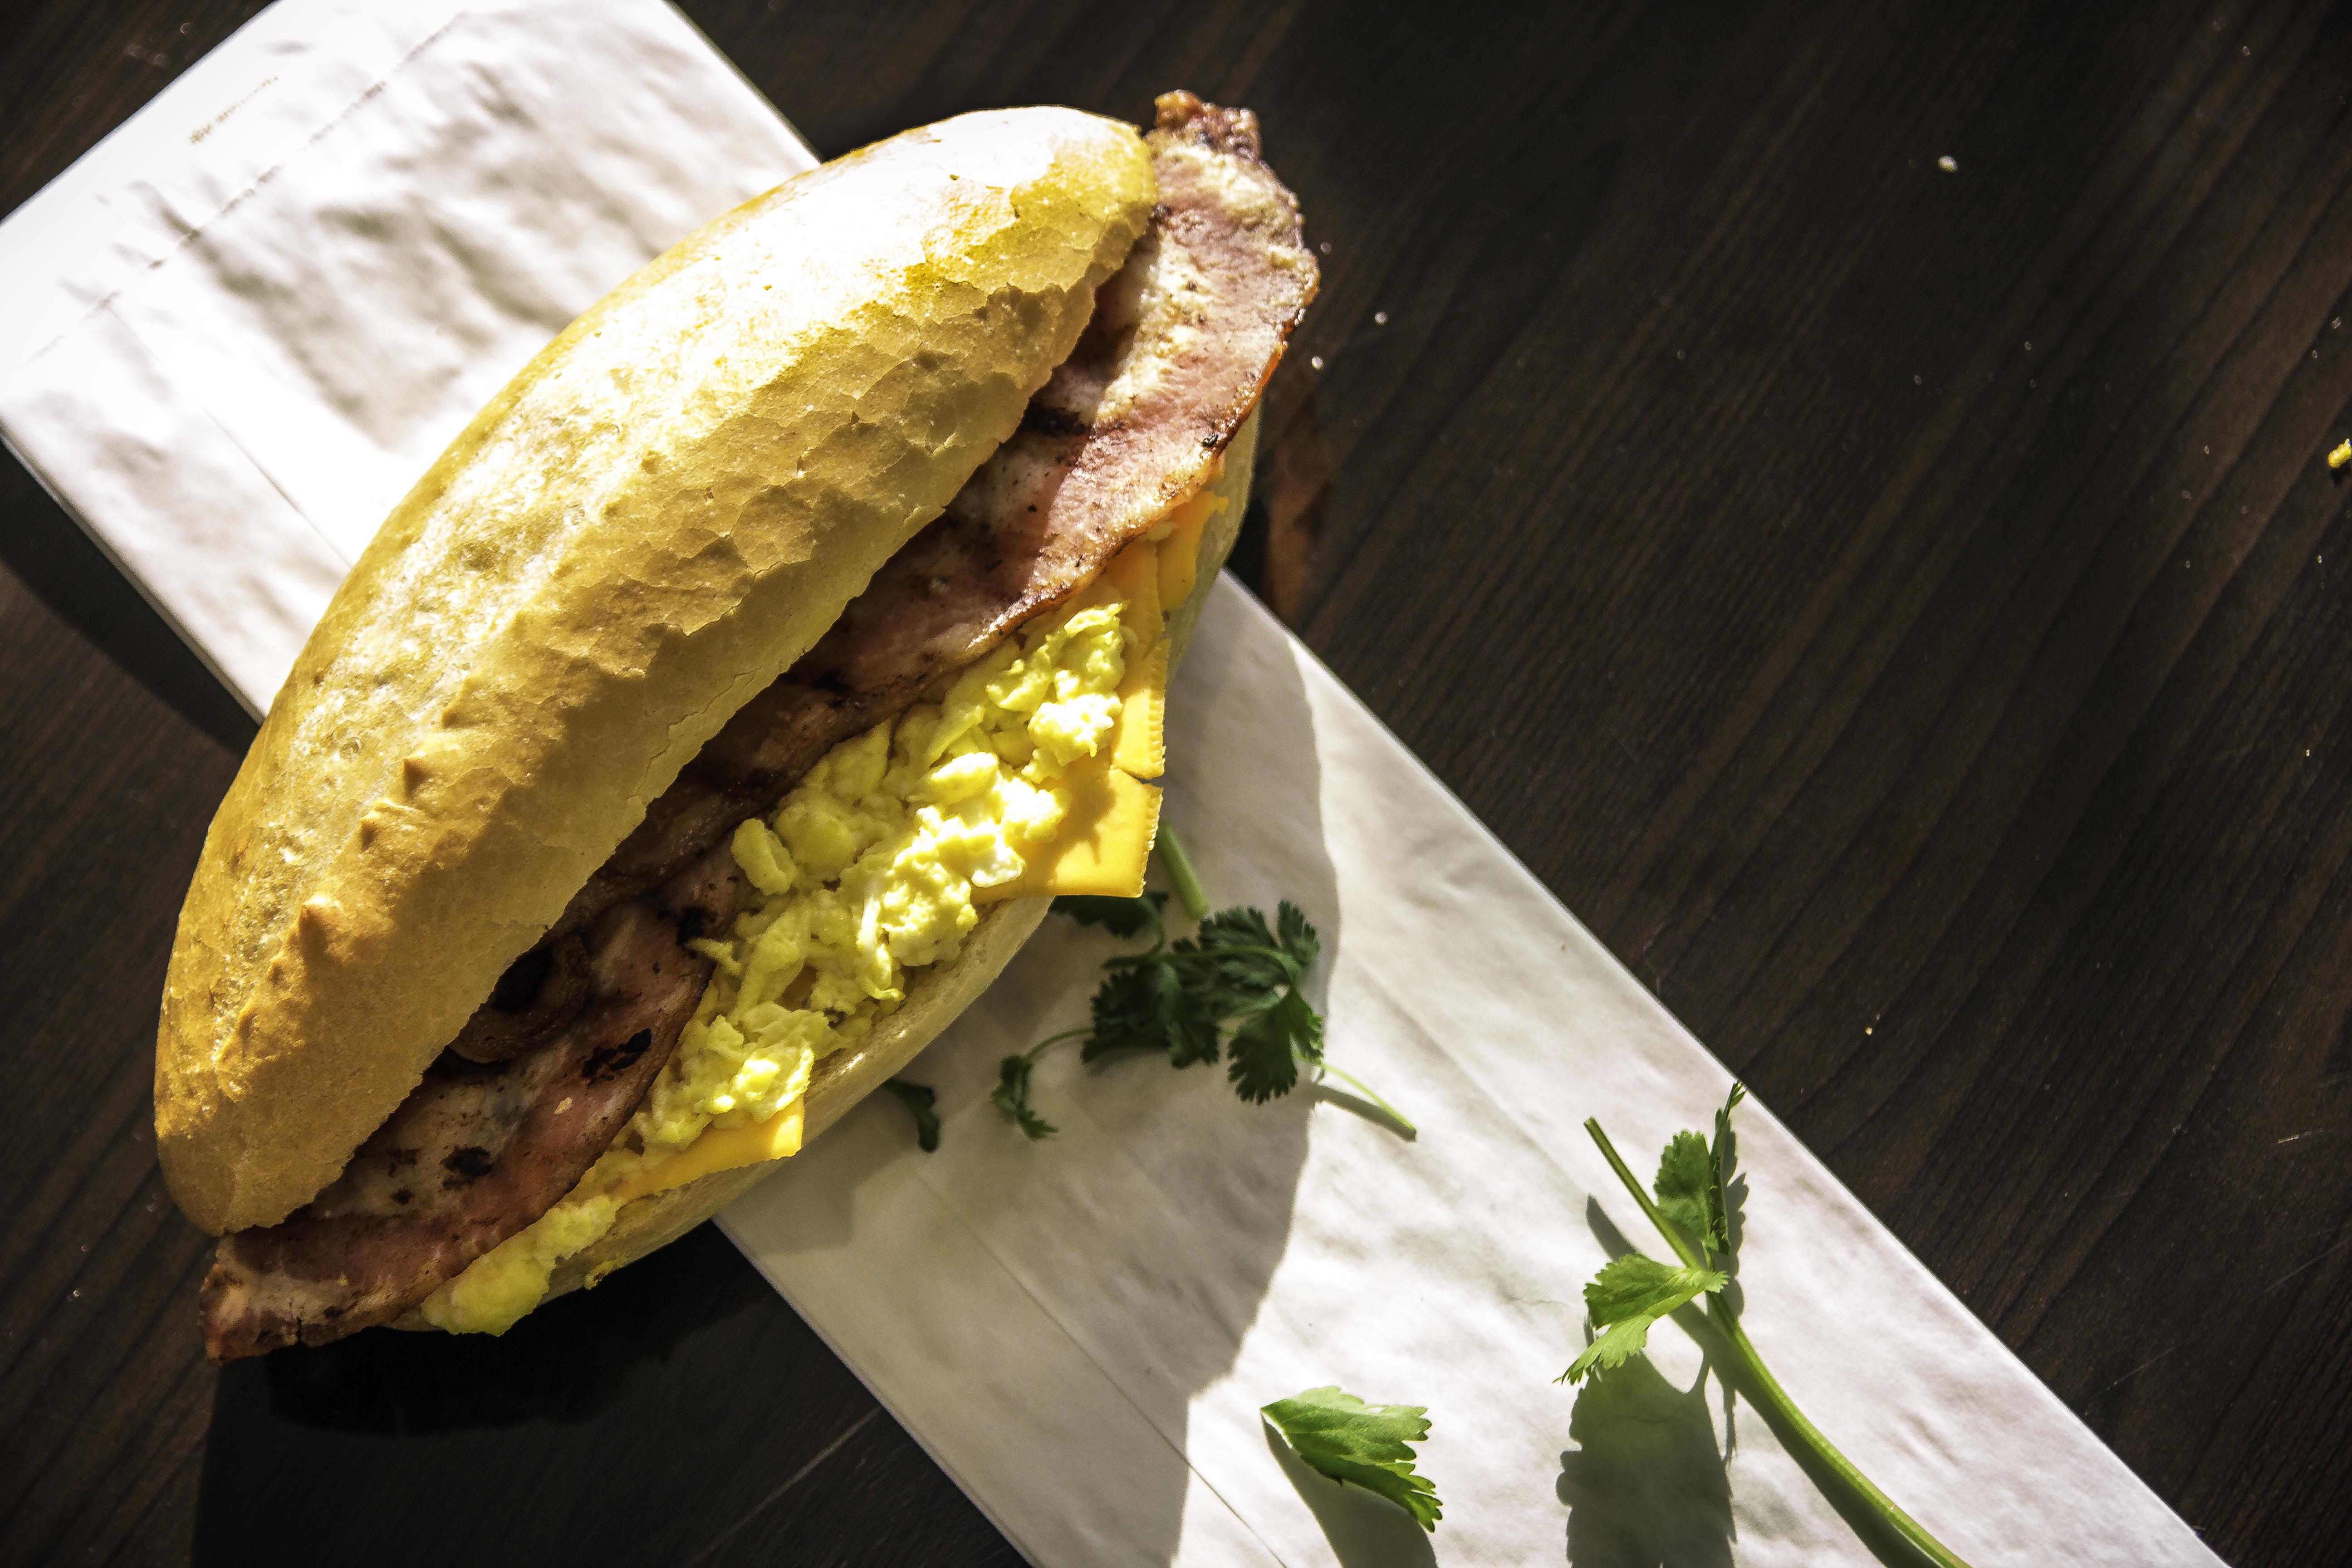 BMV Bacon & Egg Image